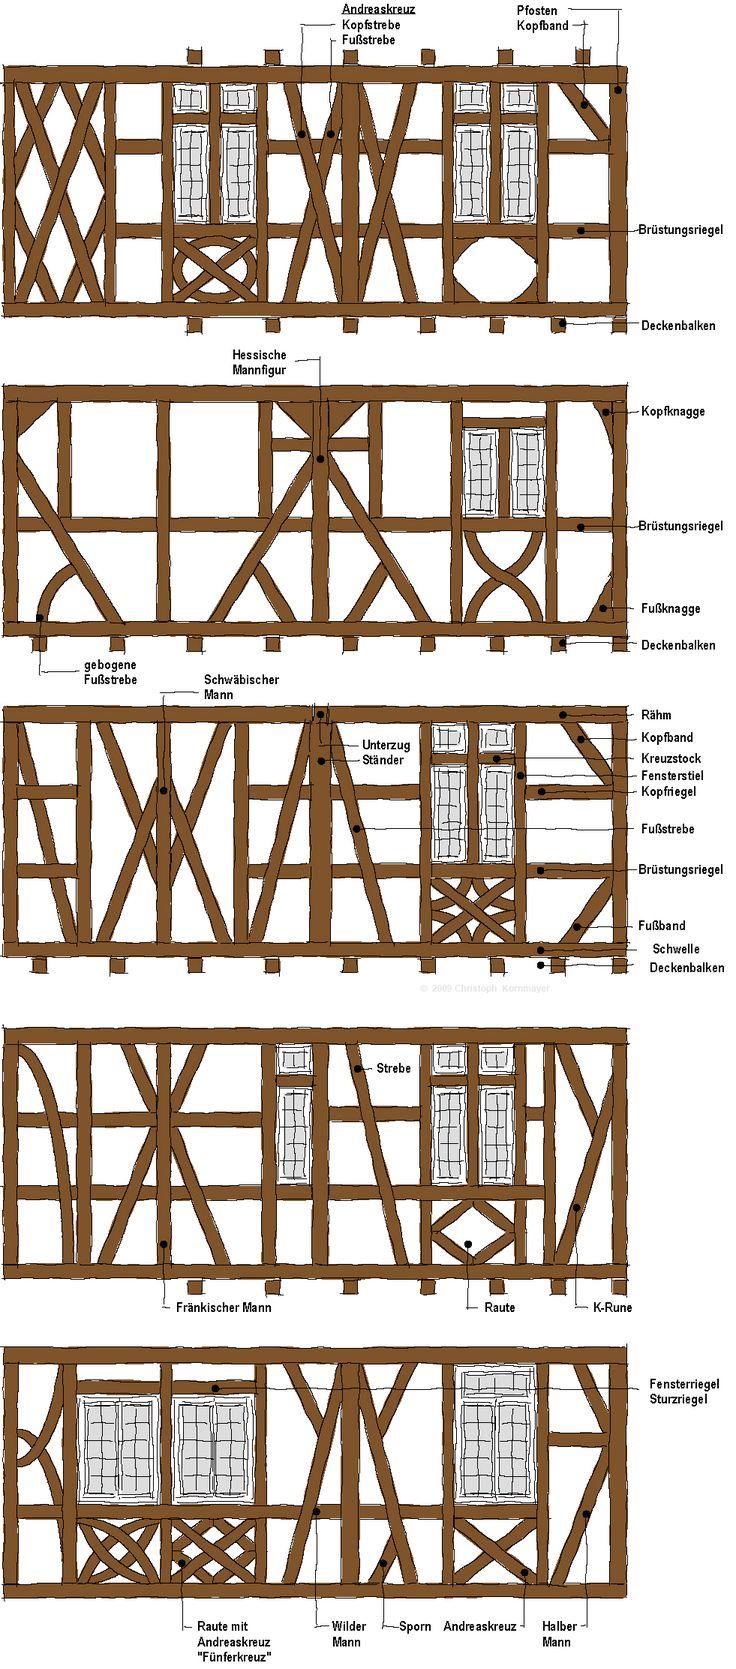 HolzverbindungenFachwerkZierelemente_I4313_20091210133250.jpg (981×2225)